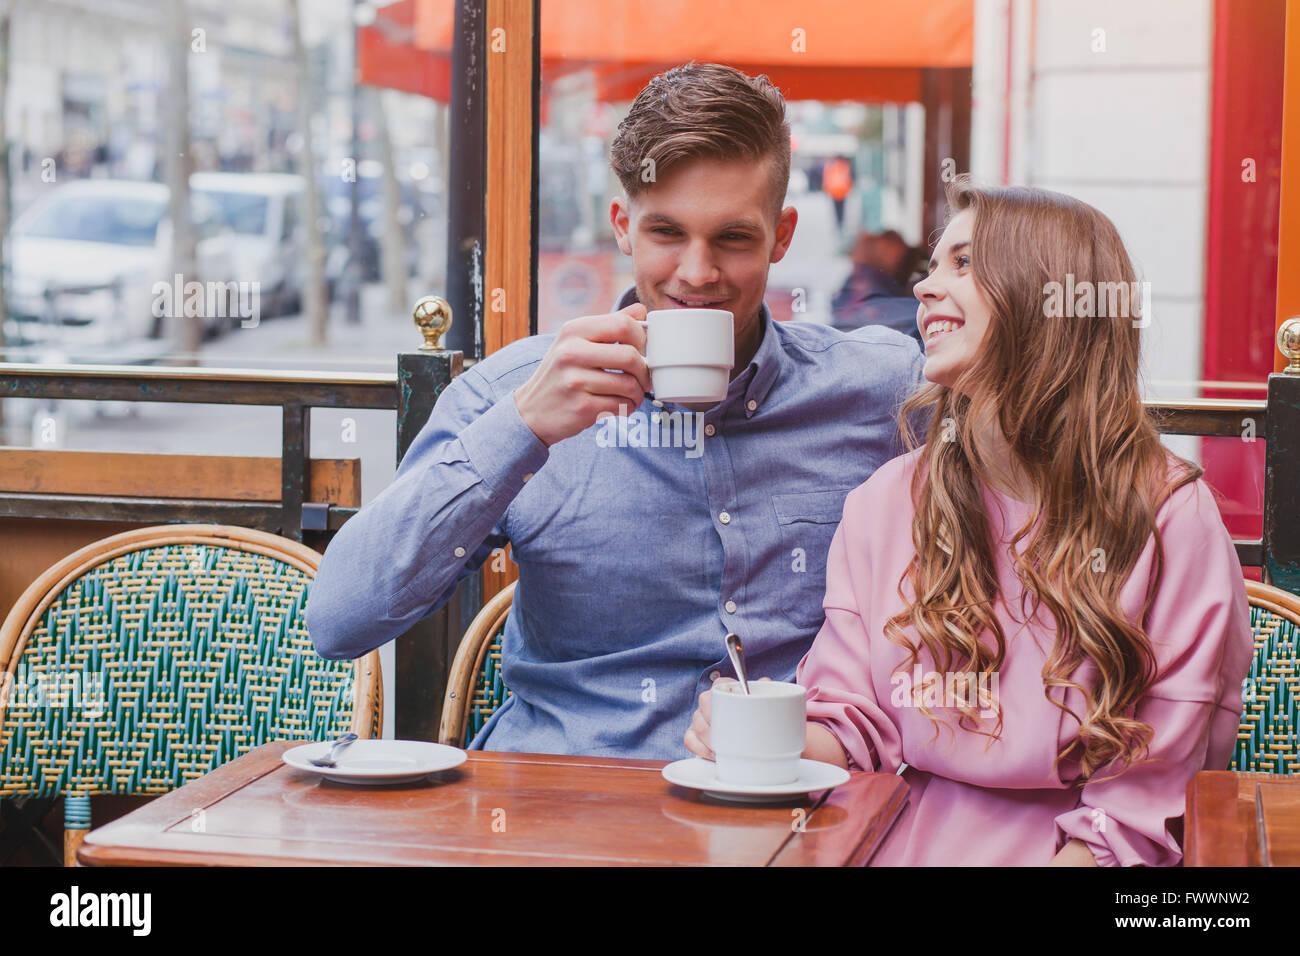 Giovane coppia felice di bere il caffè e ridere in cafe in Europa, incontri, buoni momenti positivi Immagini Stock